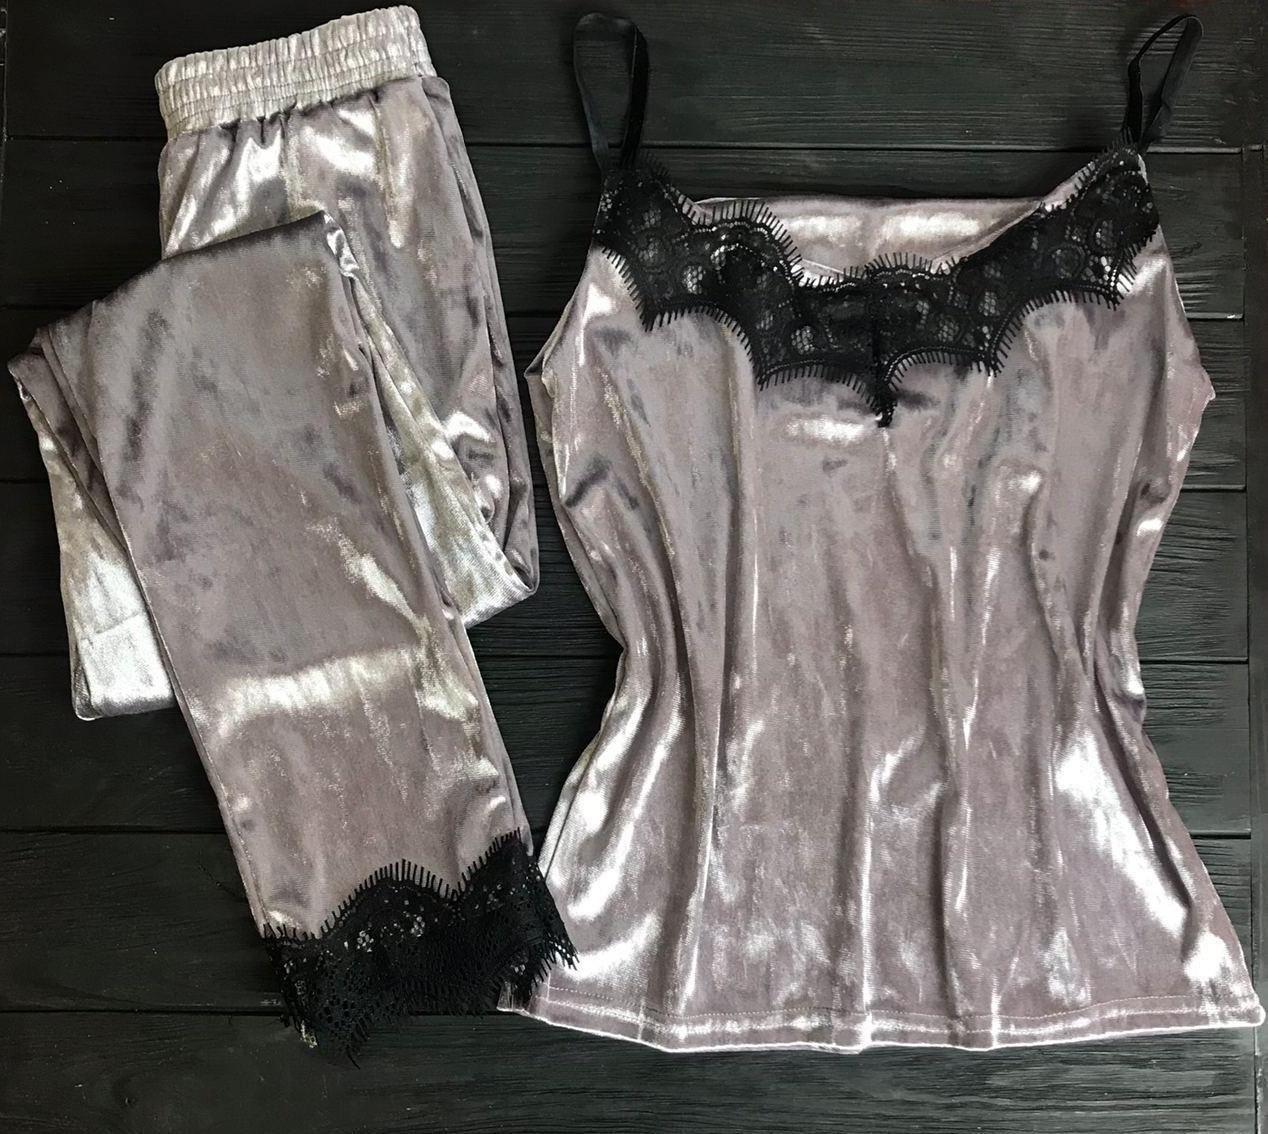 Велюровая пижама с кружевом BR-S майка и штаны серый 48 р. 1261622884